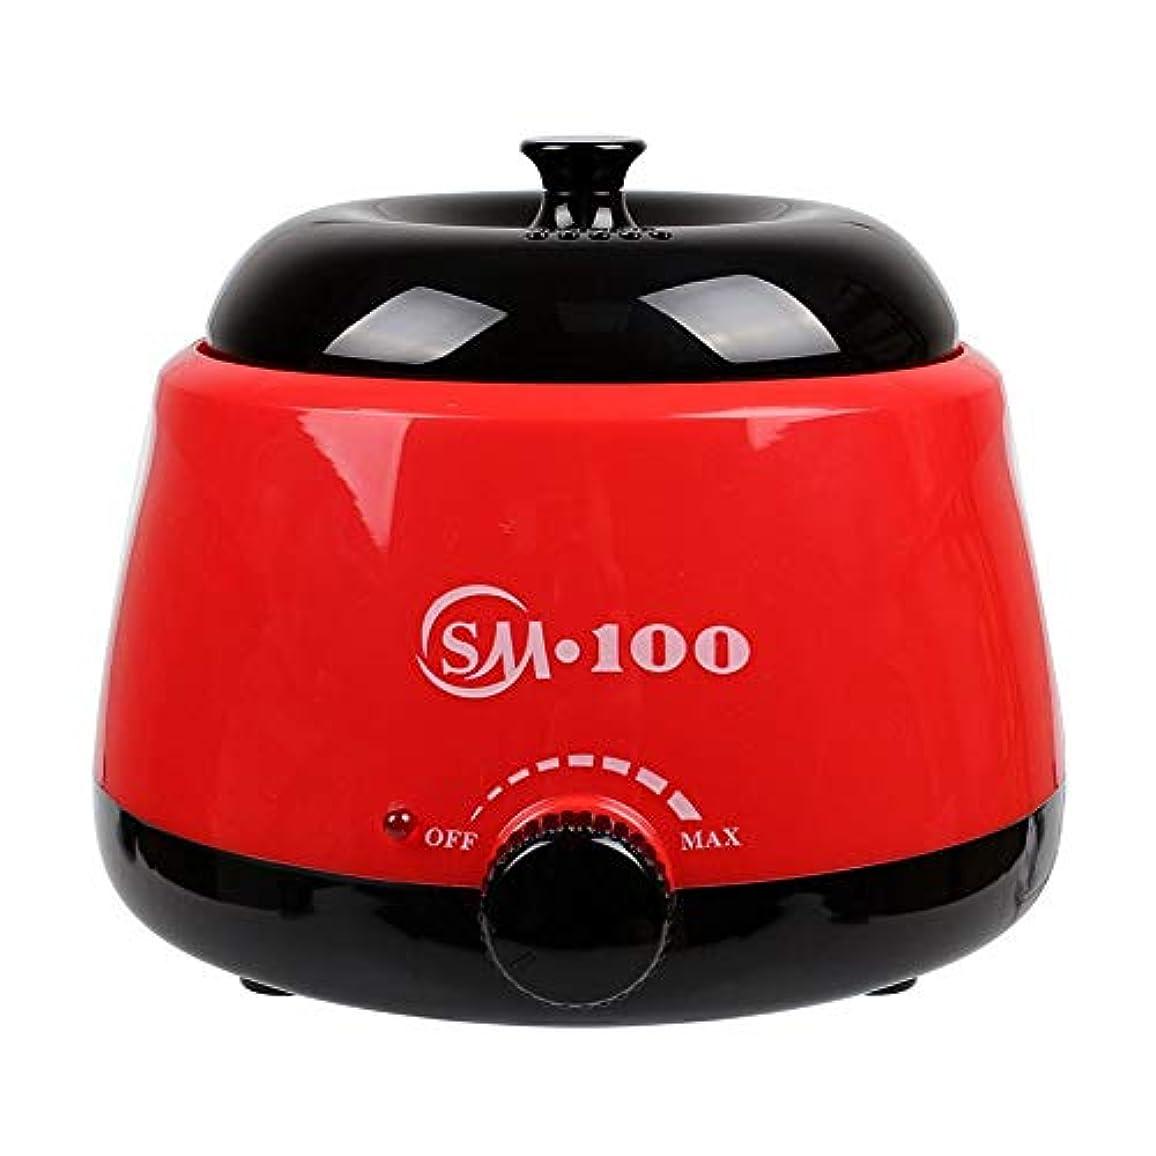 粘性のベックス新鮮な調節可能な温度のワックスマシン、女性および男性500CCのための多機能の家のワックスが付いている毛の取り外しのための専門の電気ワックスのウォーマーのヒーターのメルター